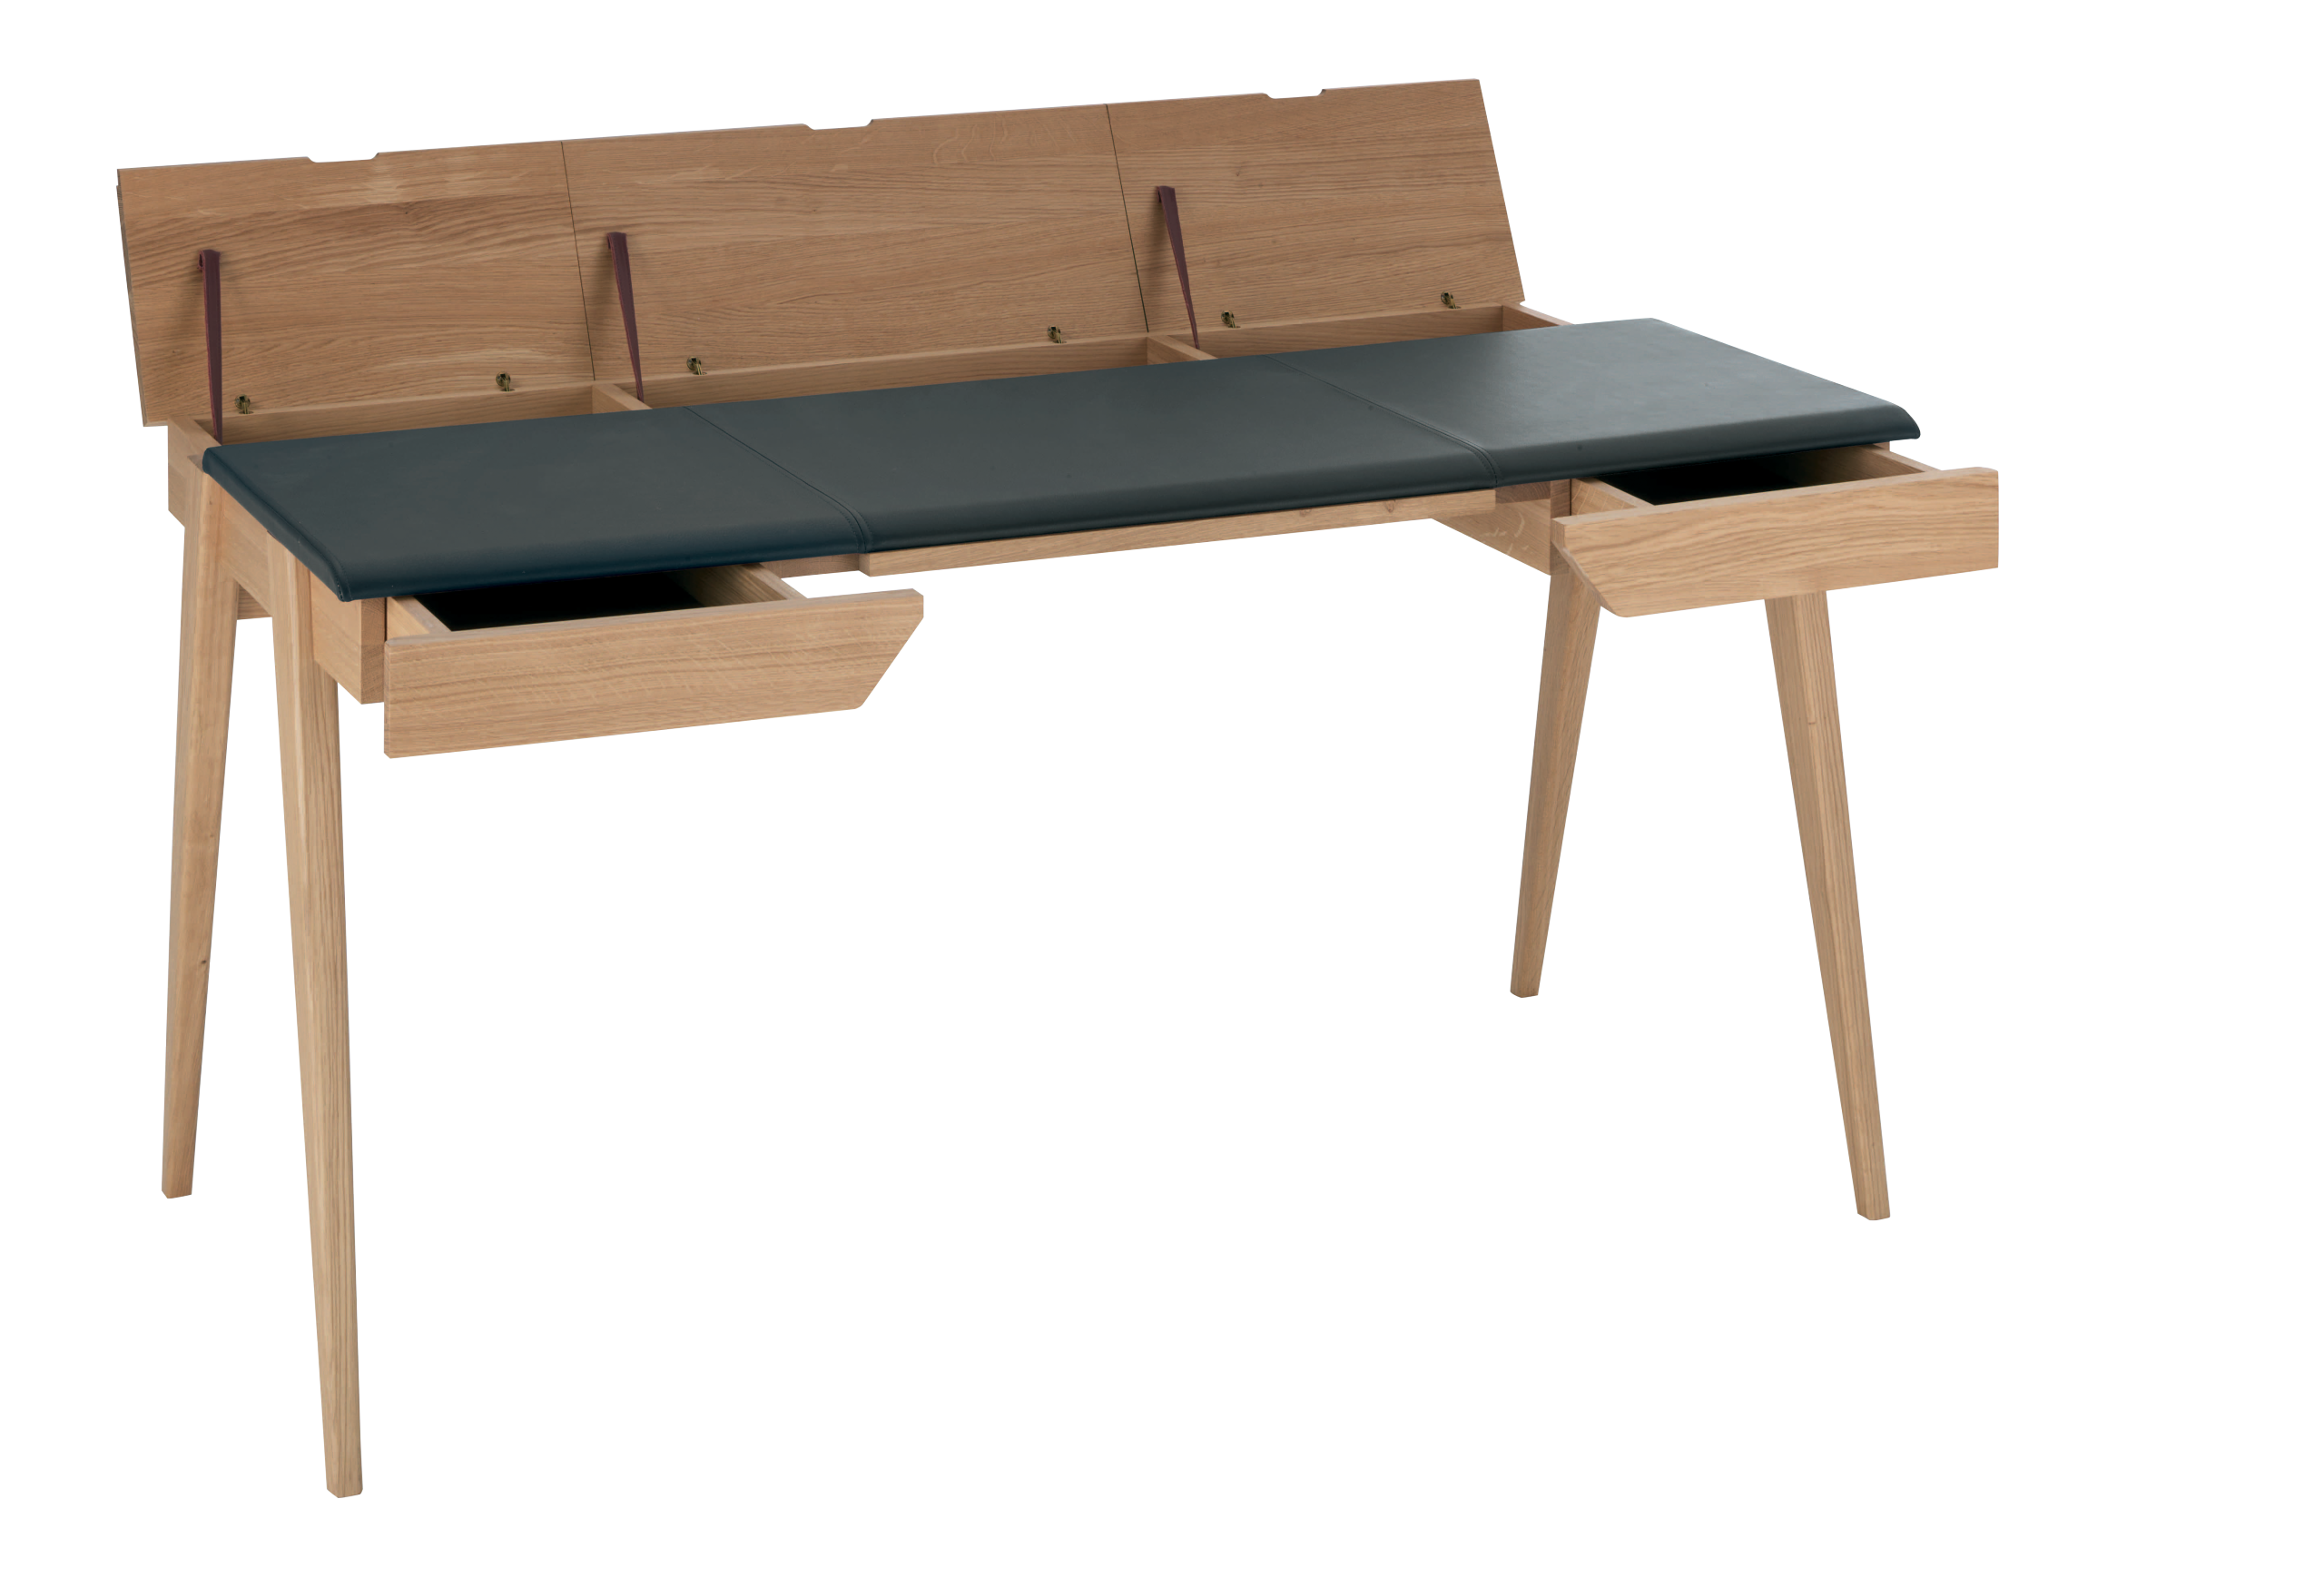 Schreibtisch designermöbel  BECKETT Wandrahmen Braun Leder Holz Habitat Schreibtisch ...